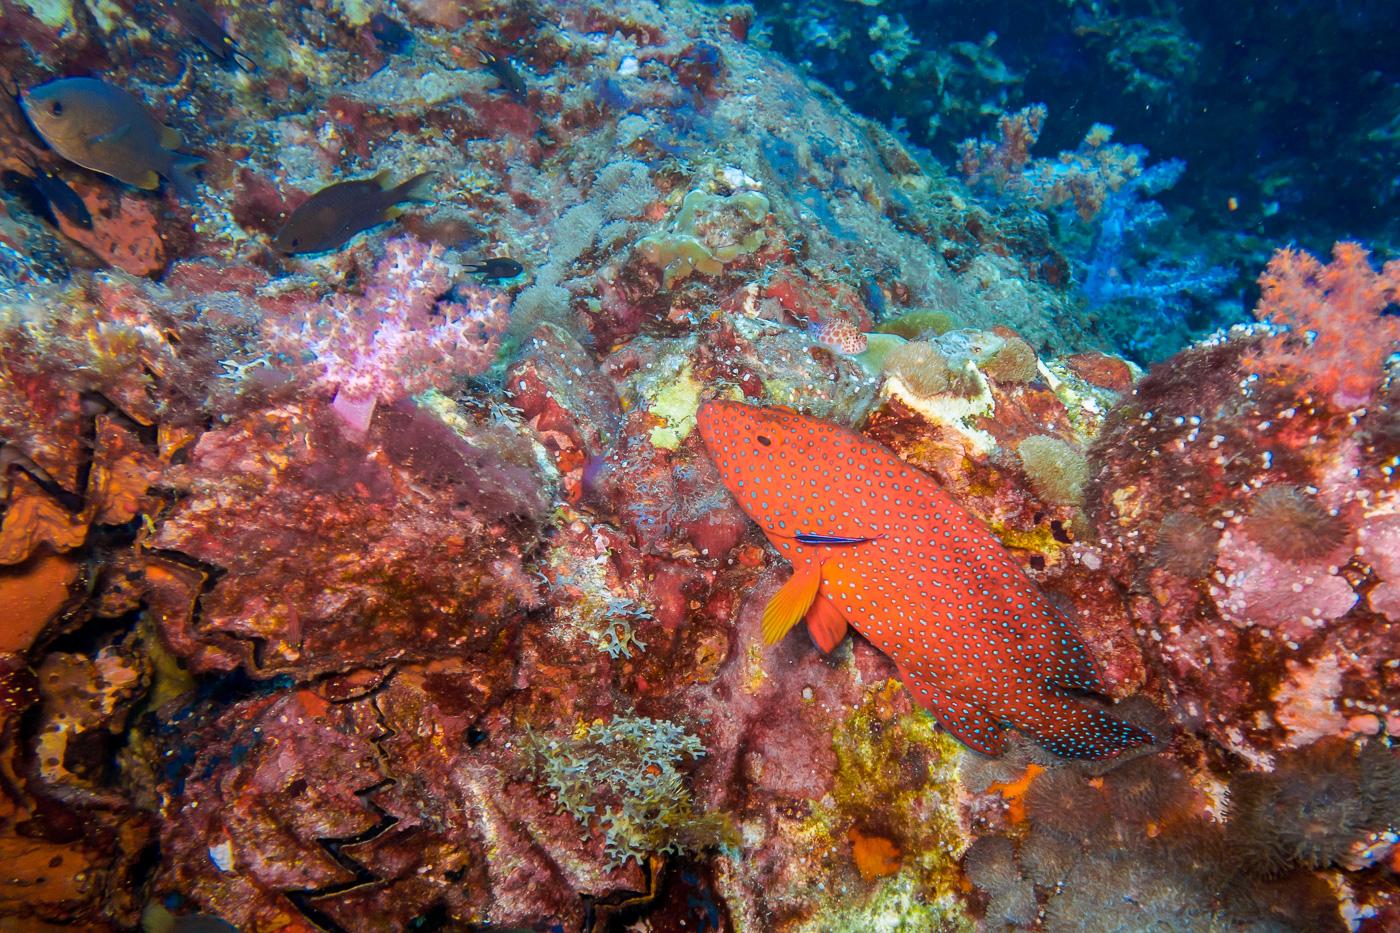 Red corals and fish at Hin Daeng while diving Koh Lanta Thailand